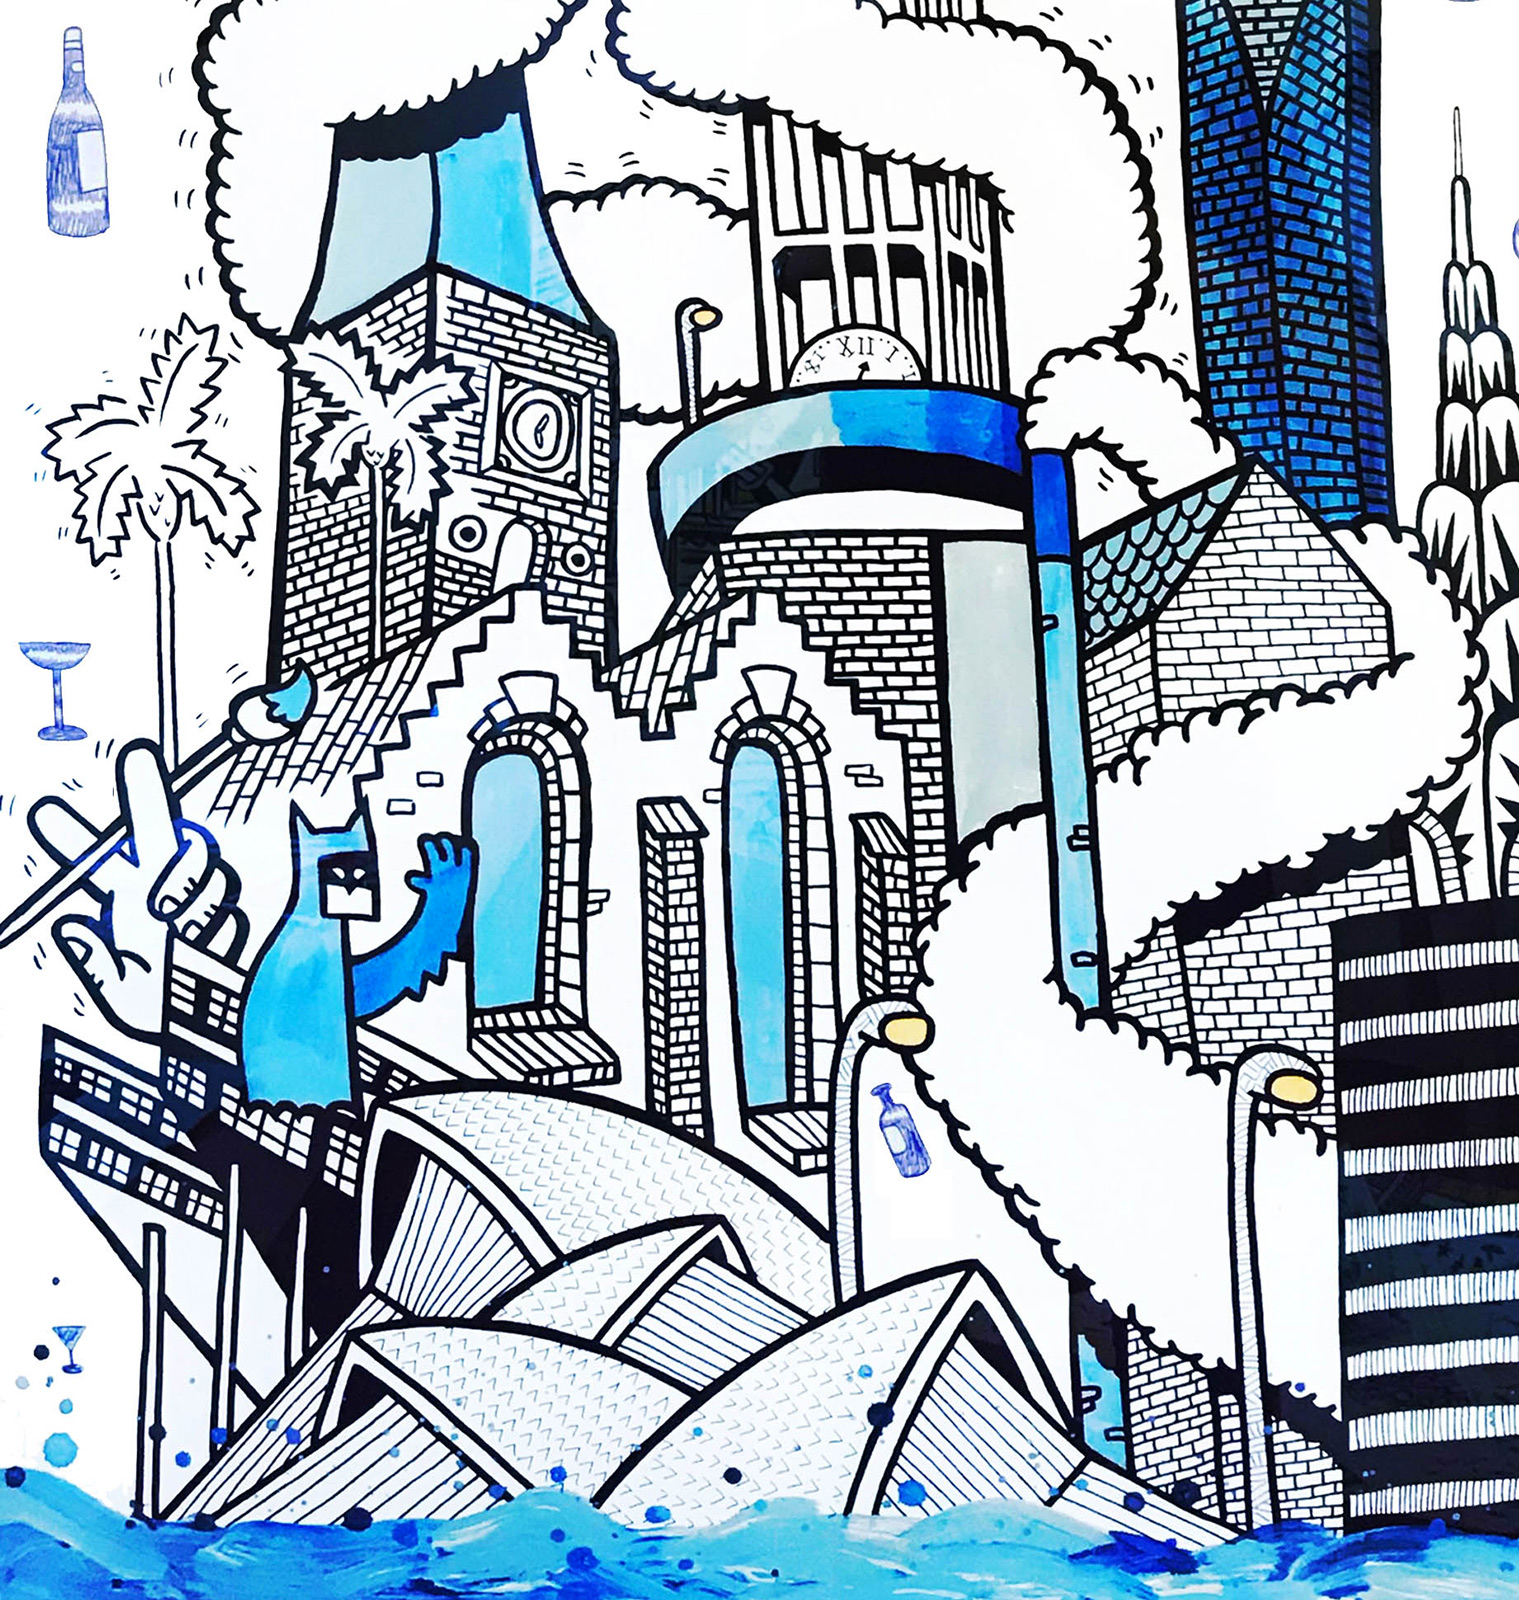 kunsttryk, gliceé, geometriske, pop, arkitektur, humor, sorte, blå, hvide, blæk, papir, abstrakte-former, sjove, arkitektoniske, bygninger, street-art, Køb original kunst af den højeste kvalitet. Malerier, tegninger, limited edition kunsttryk & plakater af dygtige kunstnere.